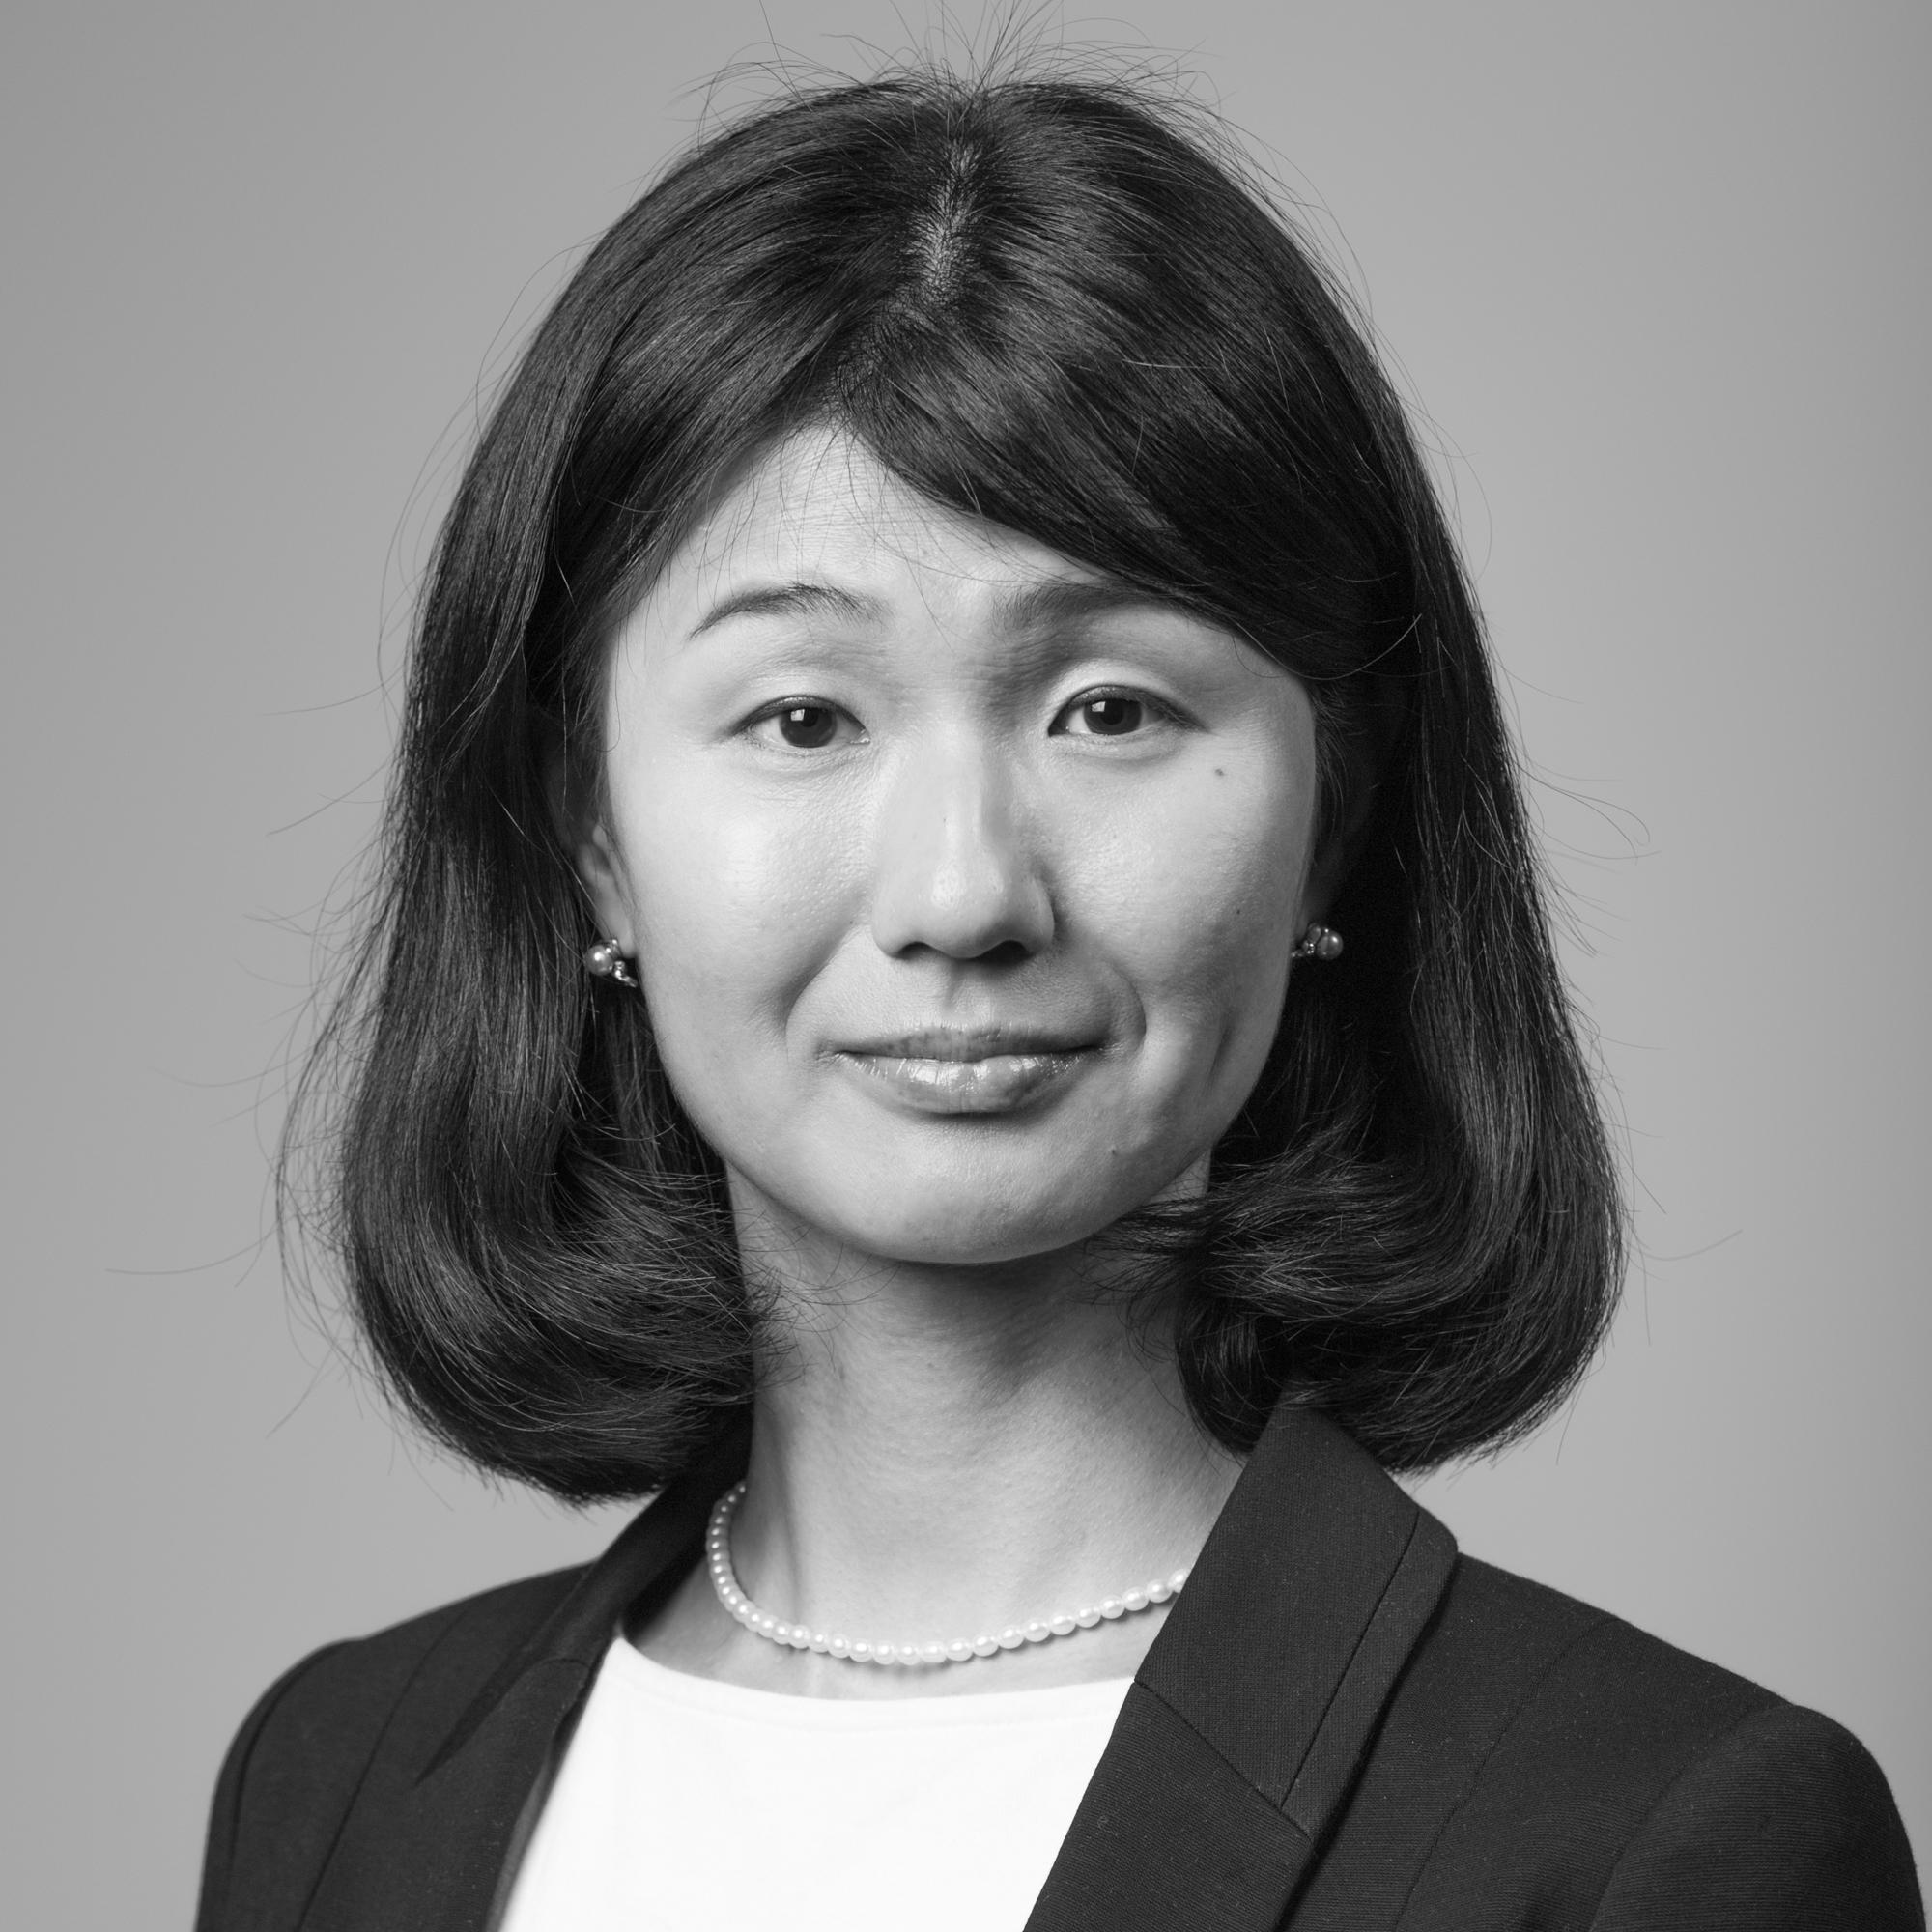 Maiko Araki